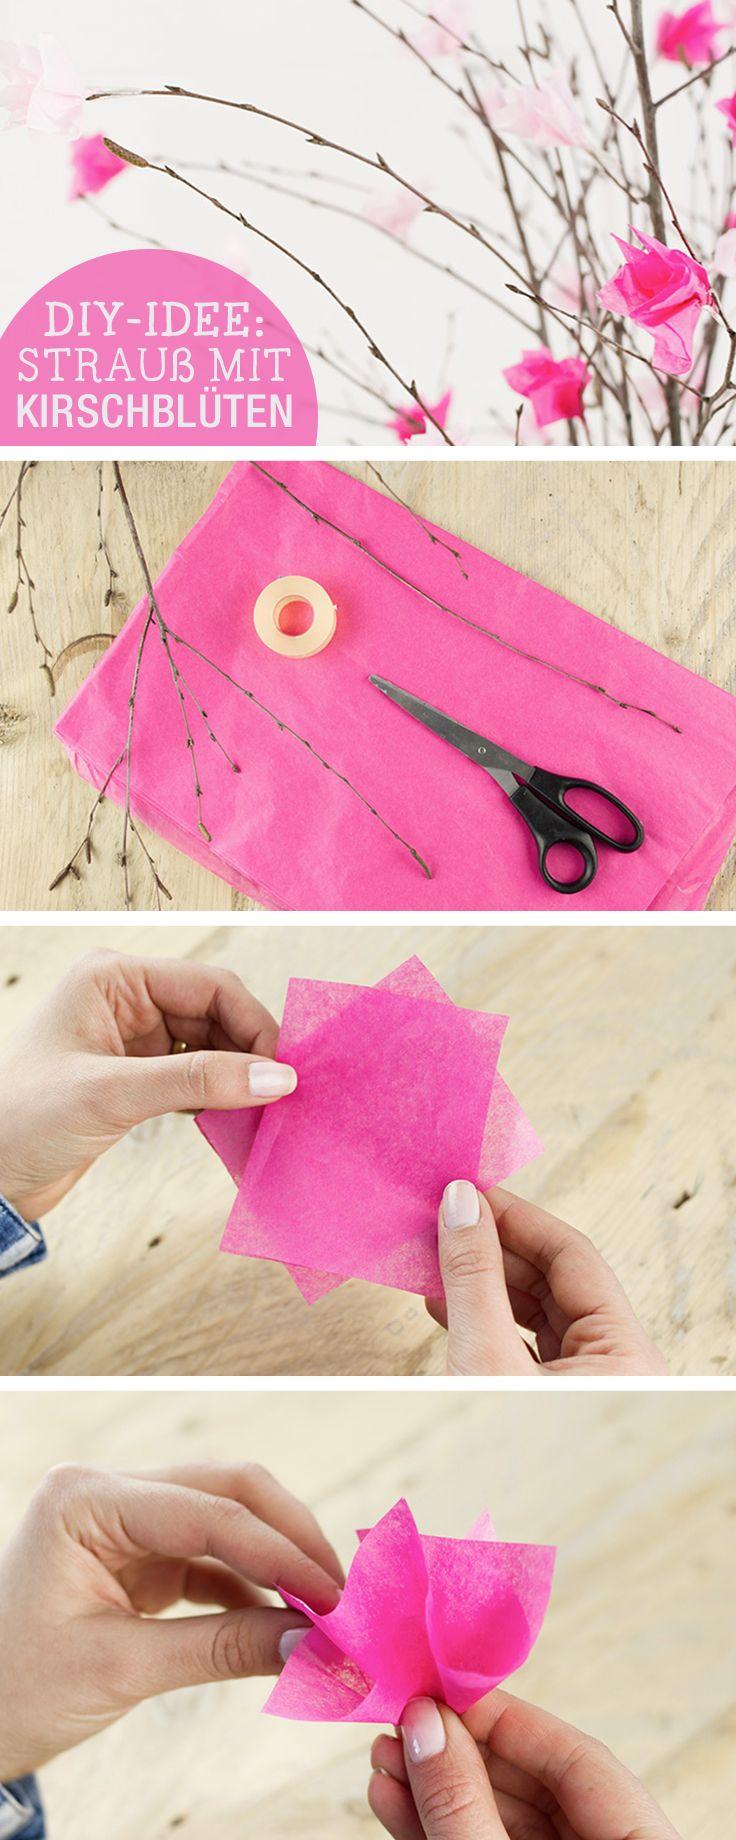 DIY-Anleitung: Osterstrauß mit Kirschblüten aus Papier verzieren / diy tutorial: decorate your easter flowers with handmade cherry blossoms, origami via DaWanda.com